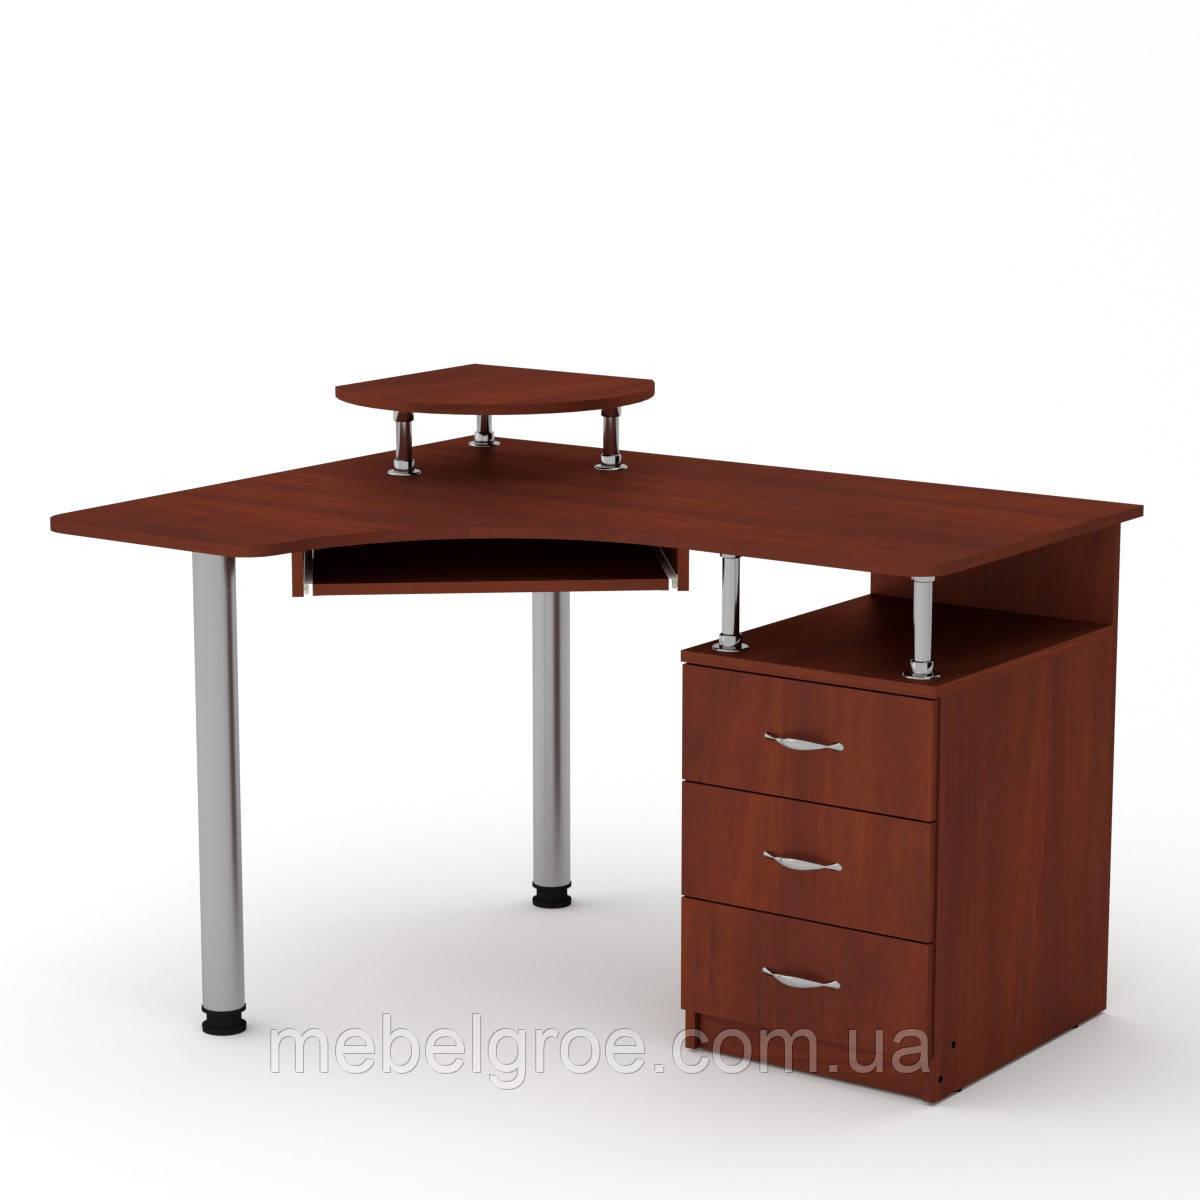 Стол компьютерный СУ-2 тм Компанит